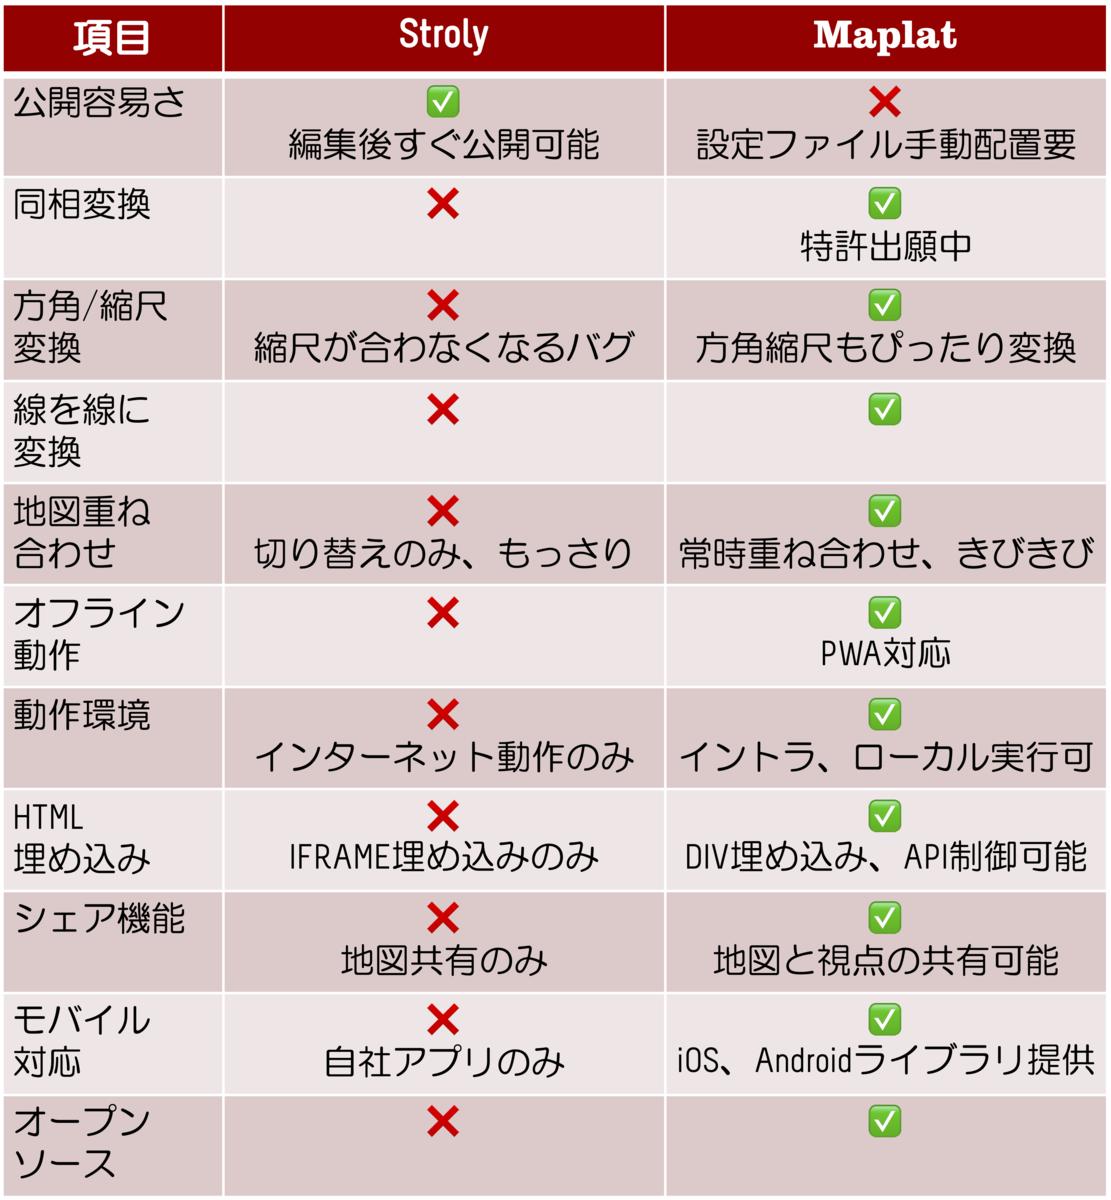 f:id:kochizufan:20191222133319p:plain